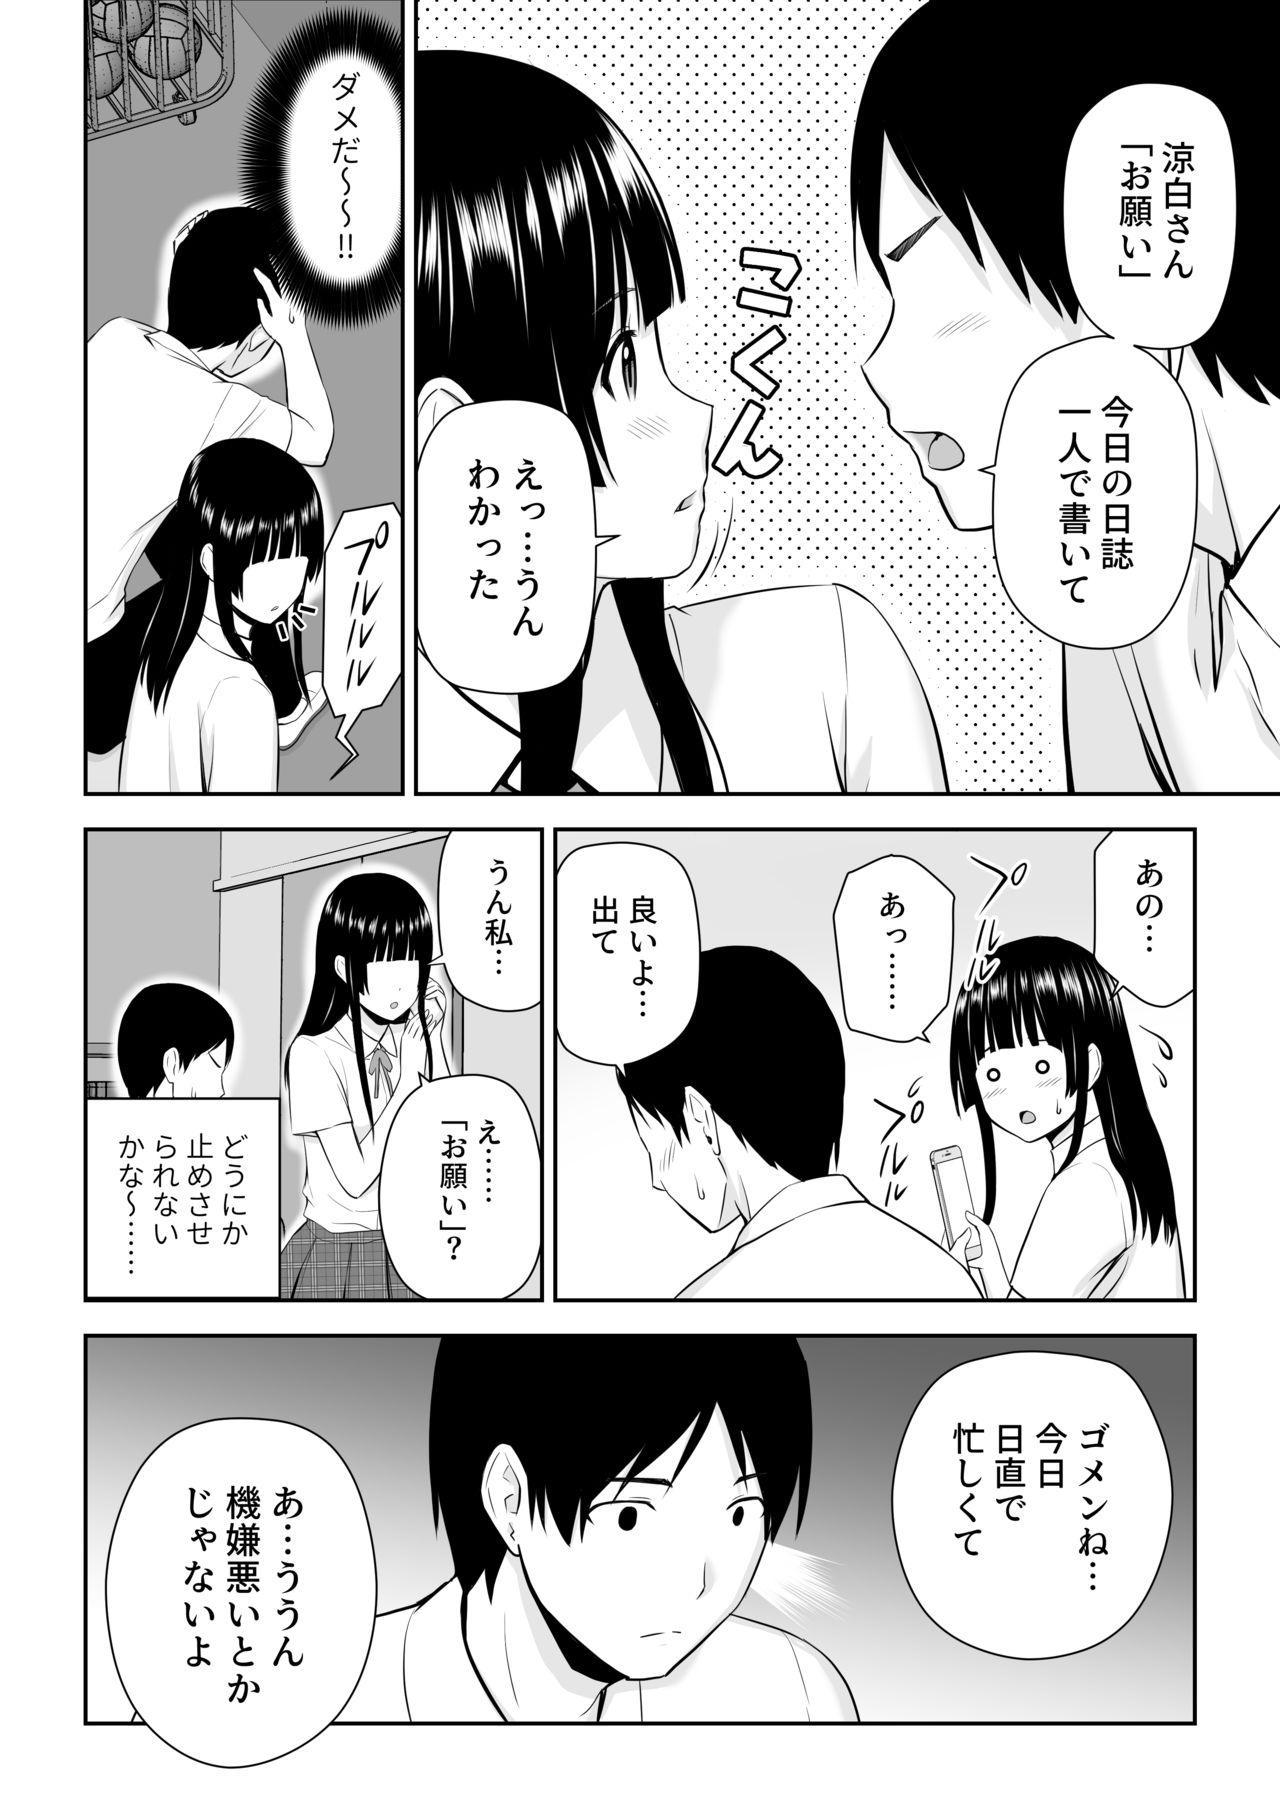 Suzushiro-san wa Onegai ni Yowai 34